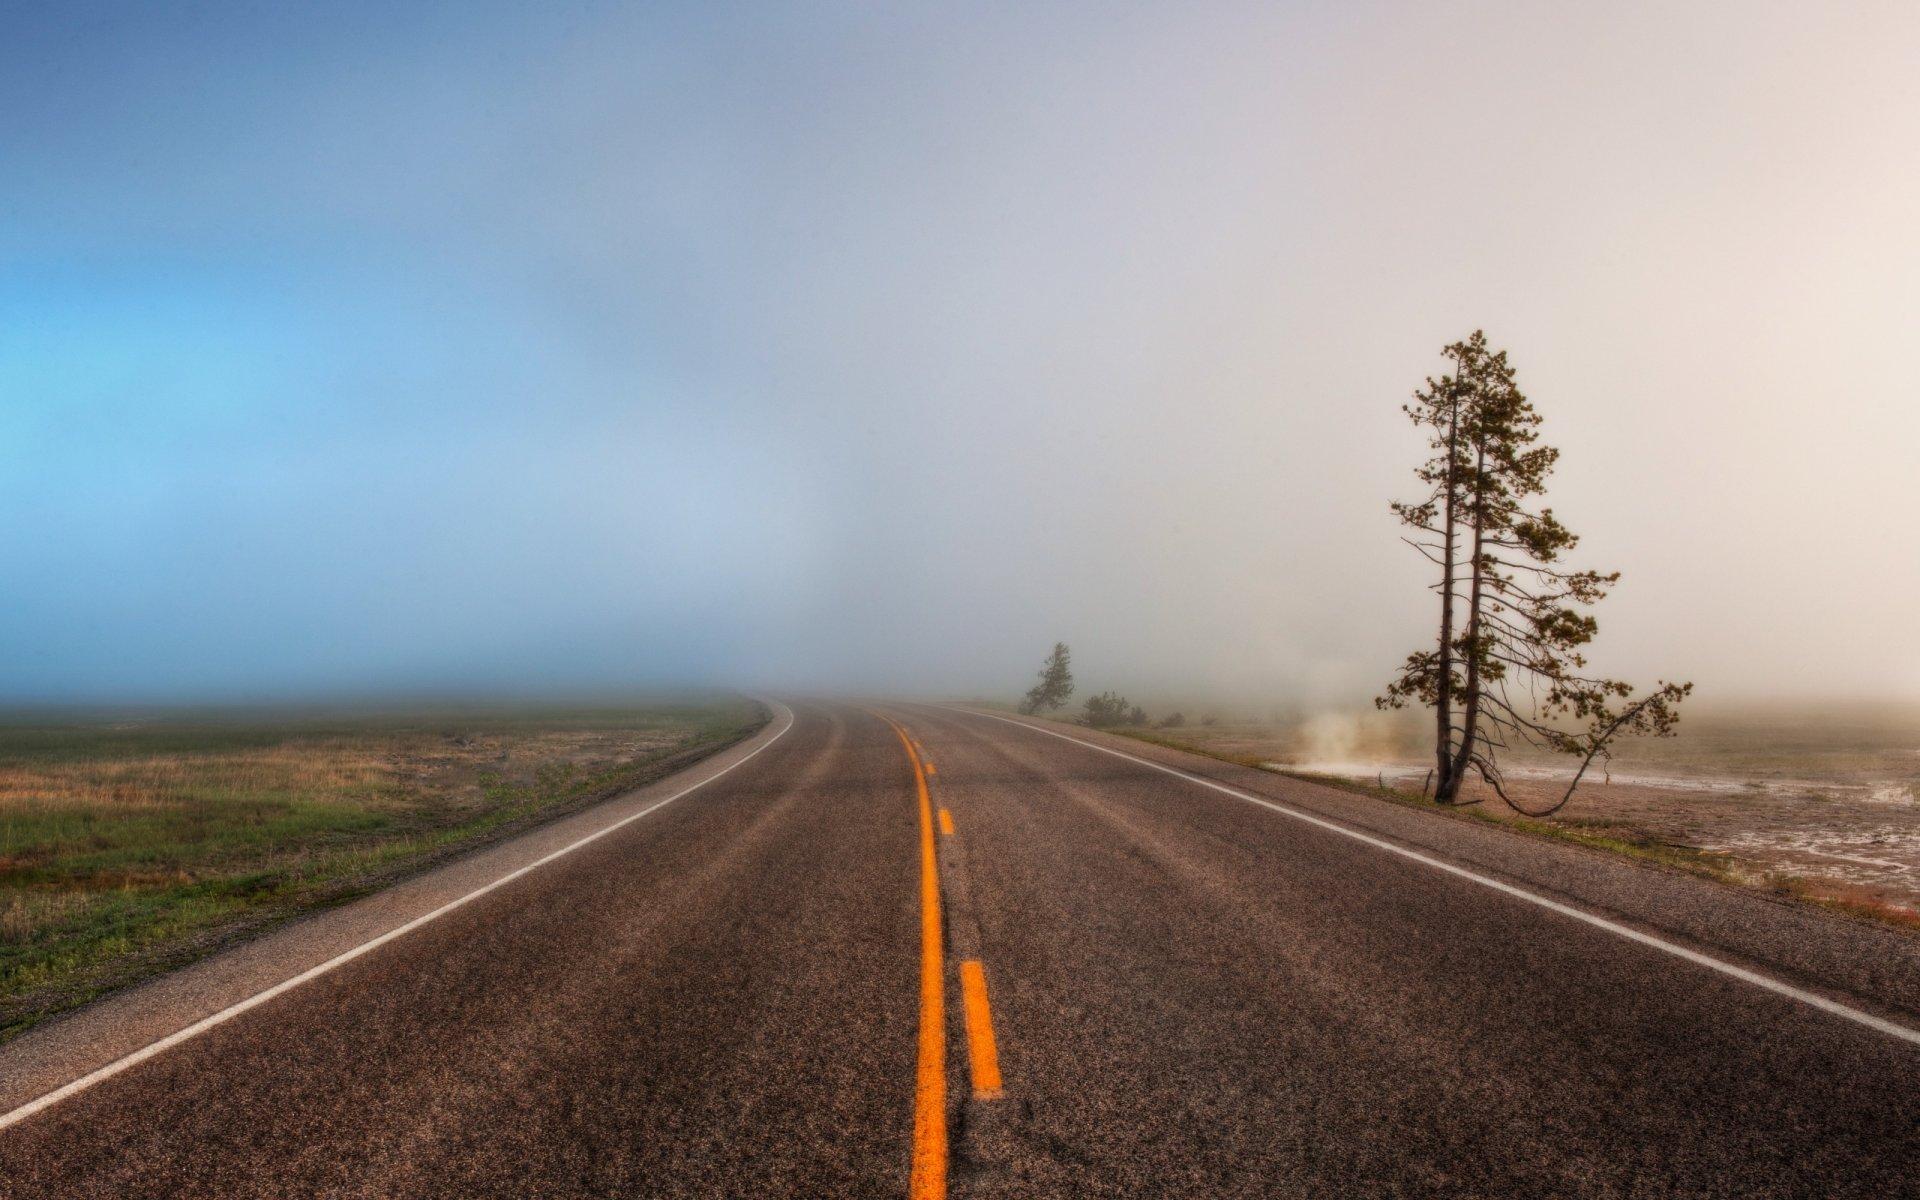 картинка коричневой дороги на аву зависимости целей